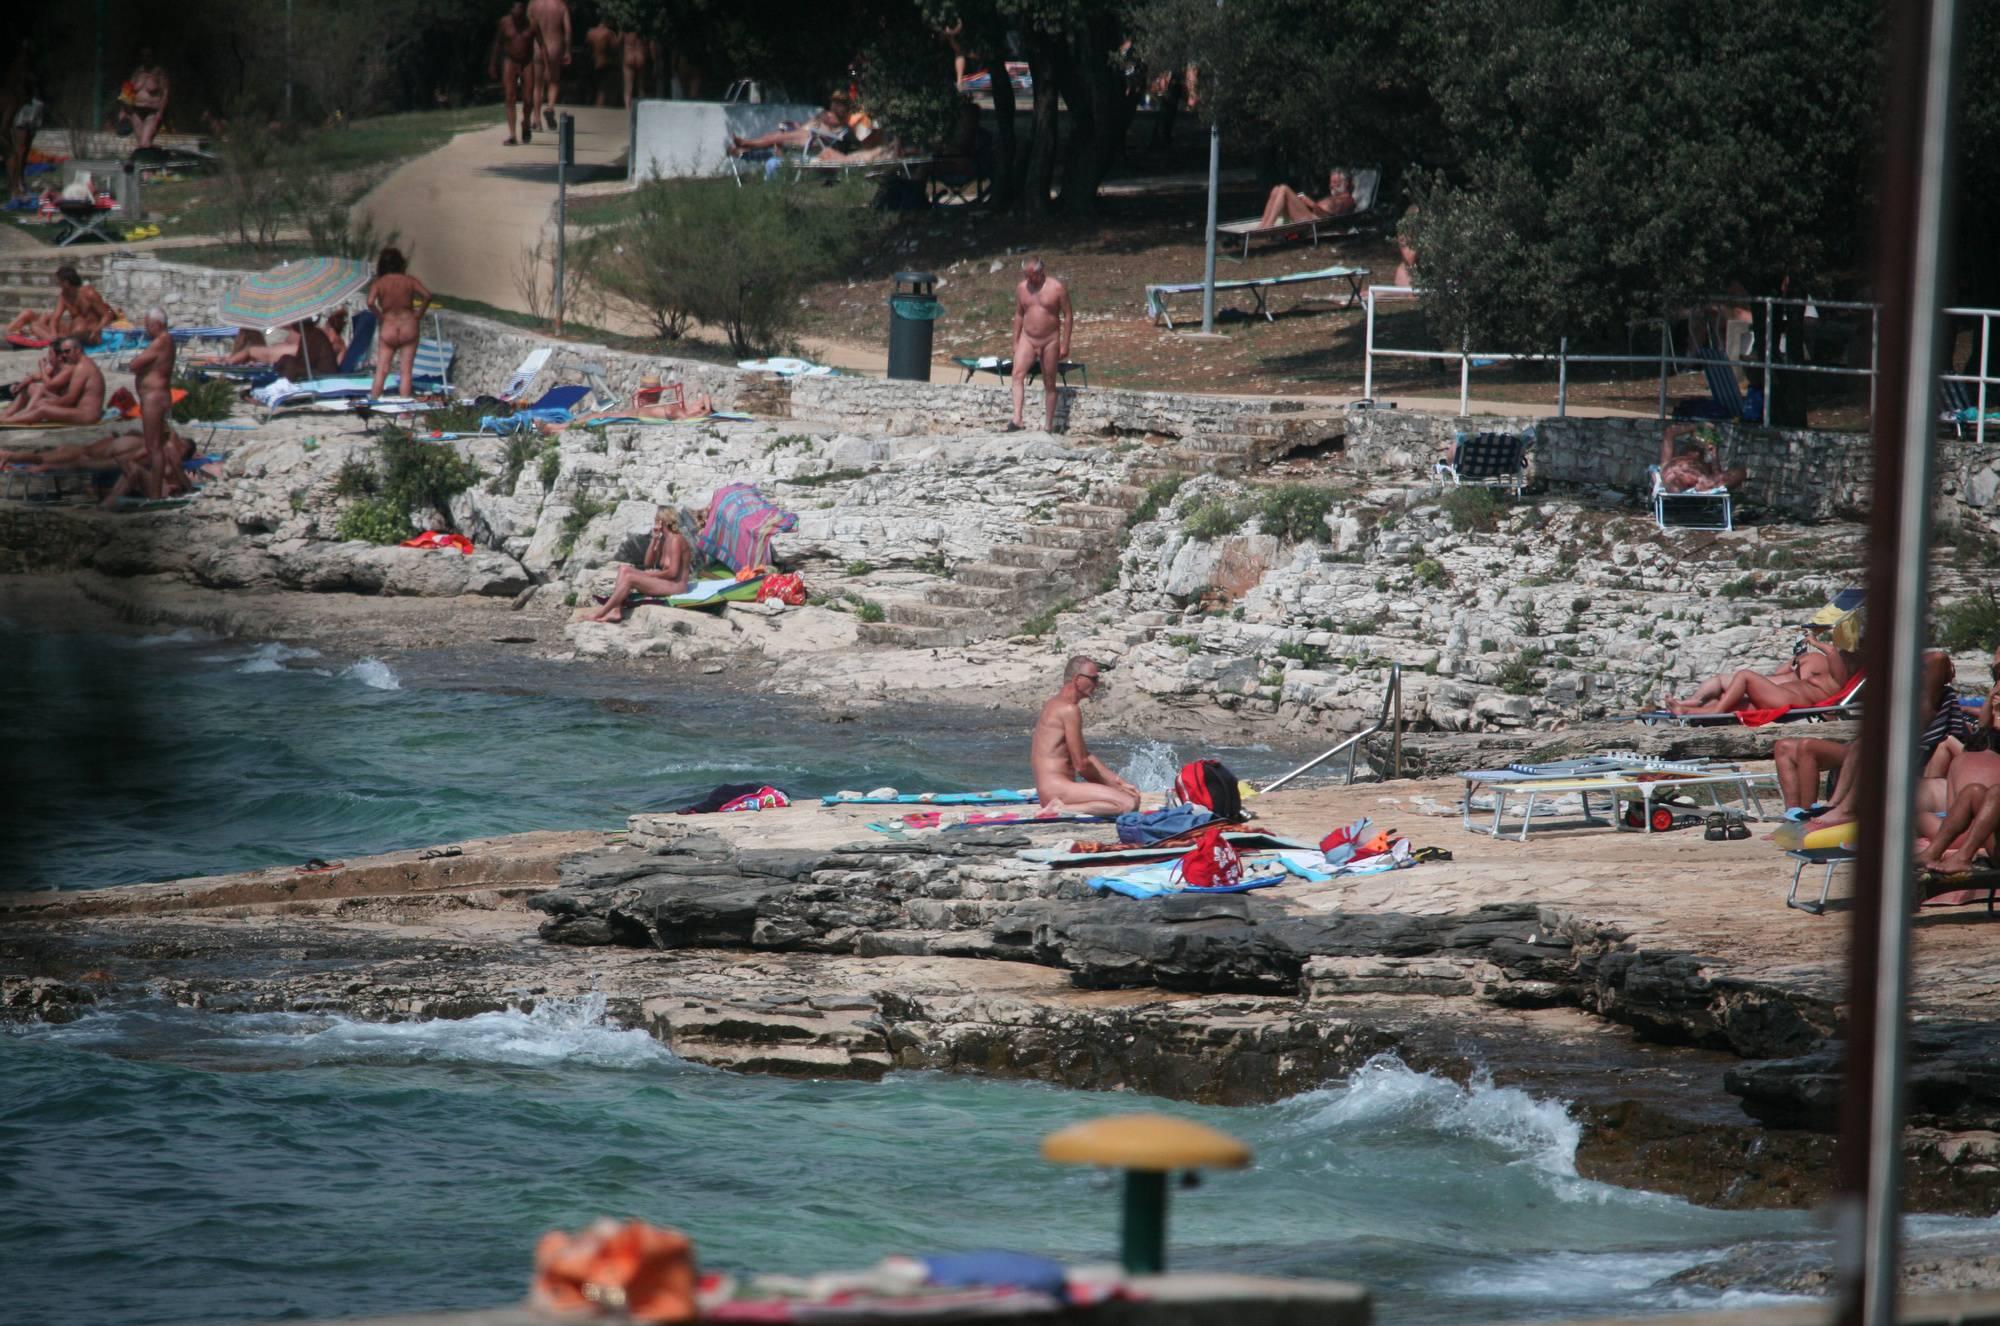 Crete Shore Overview - 2